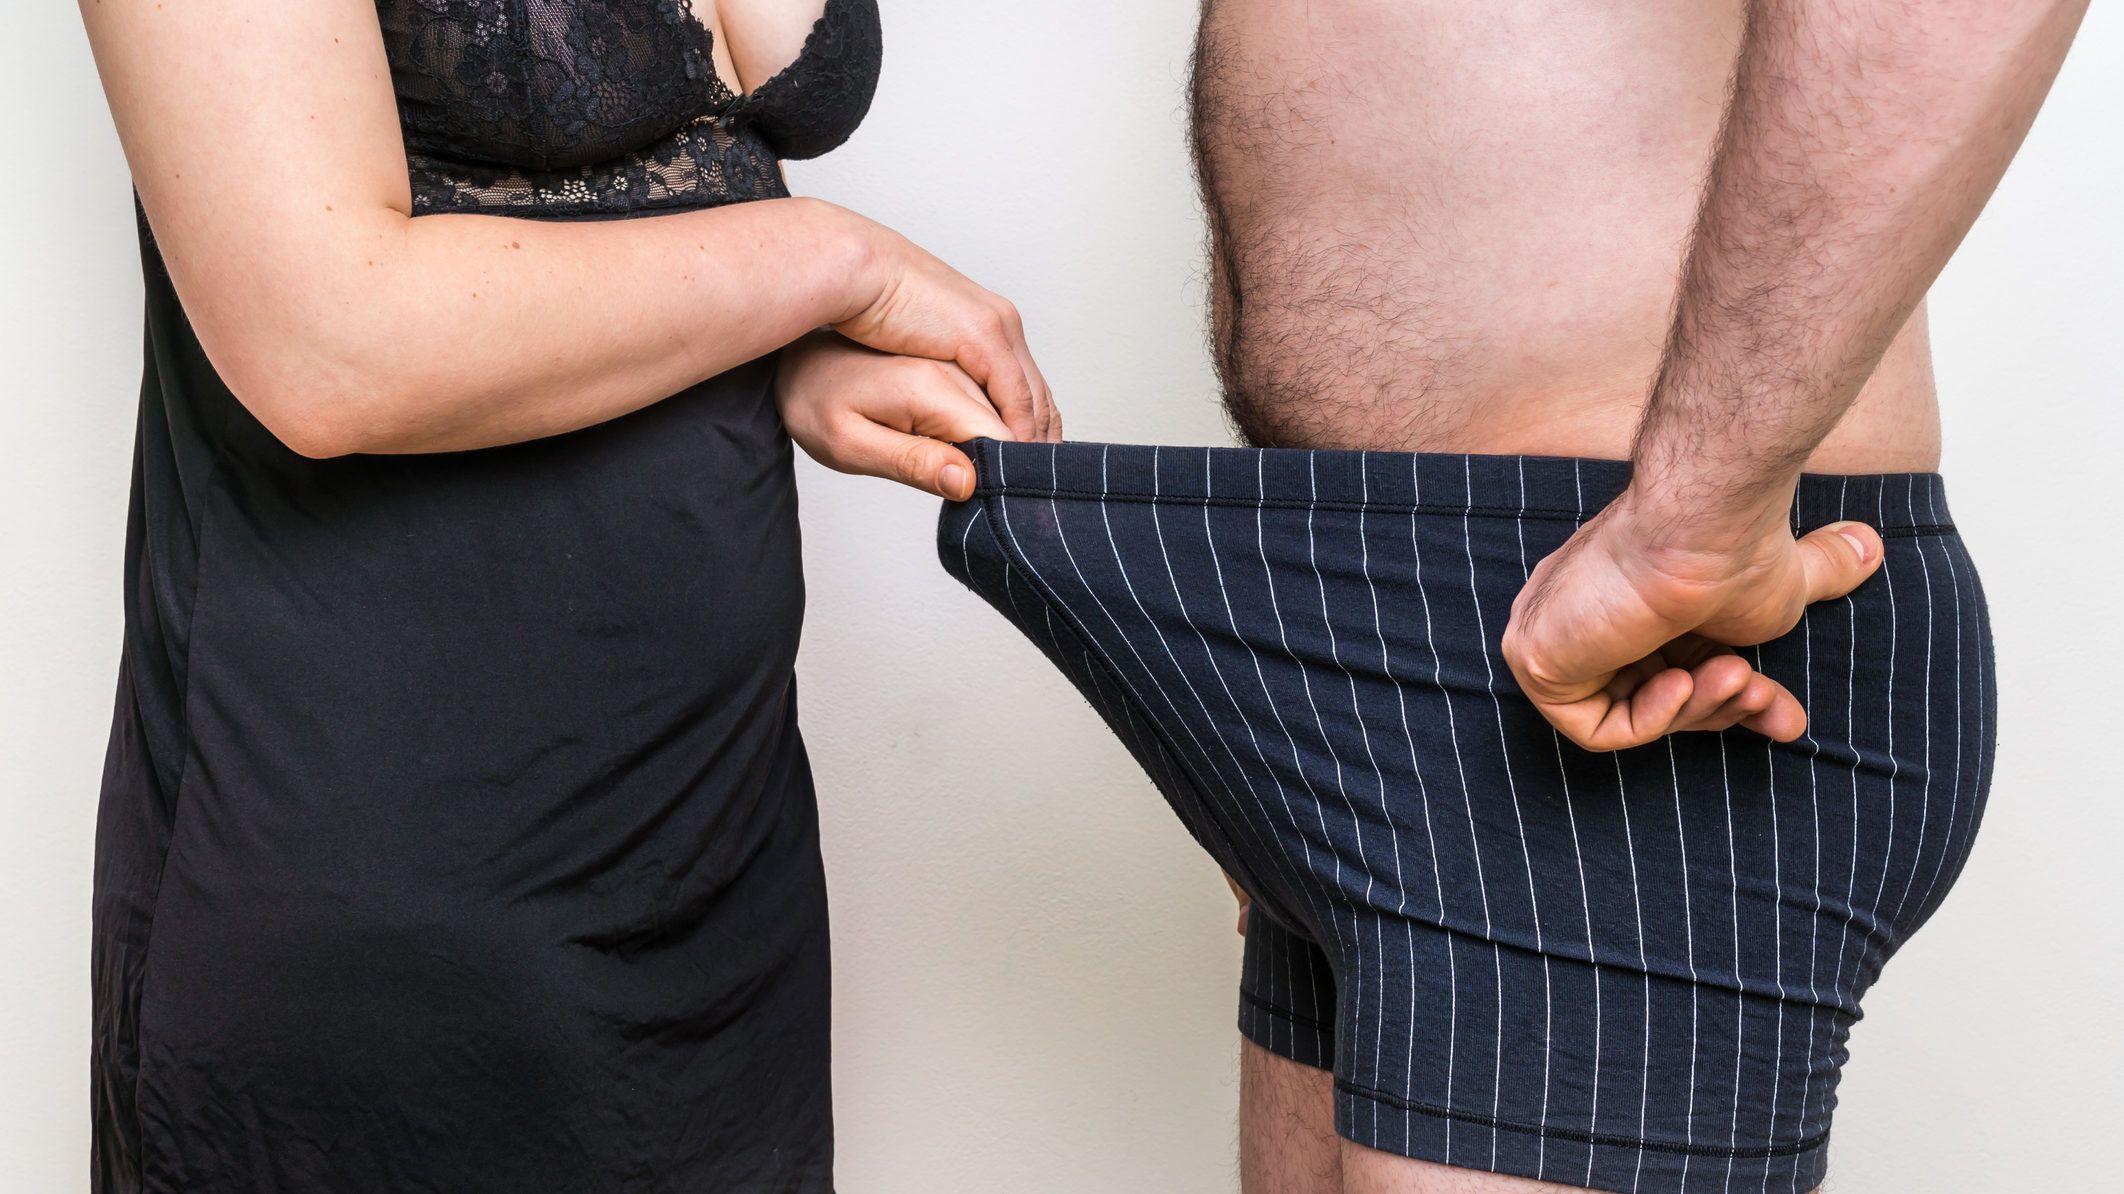 erekcióval növekszik miért a lányoknak nagy a péniszük